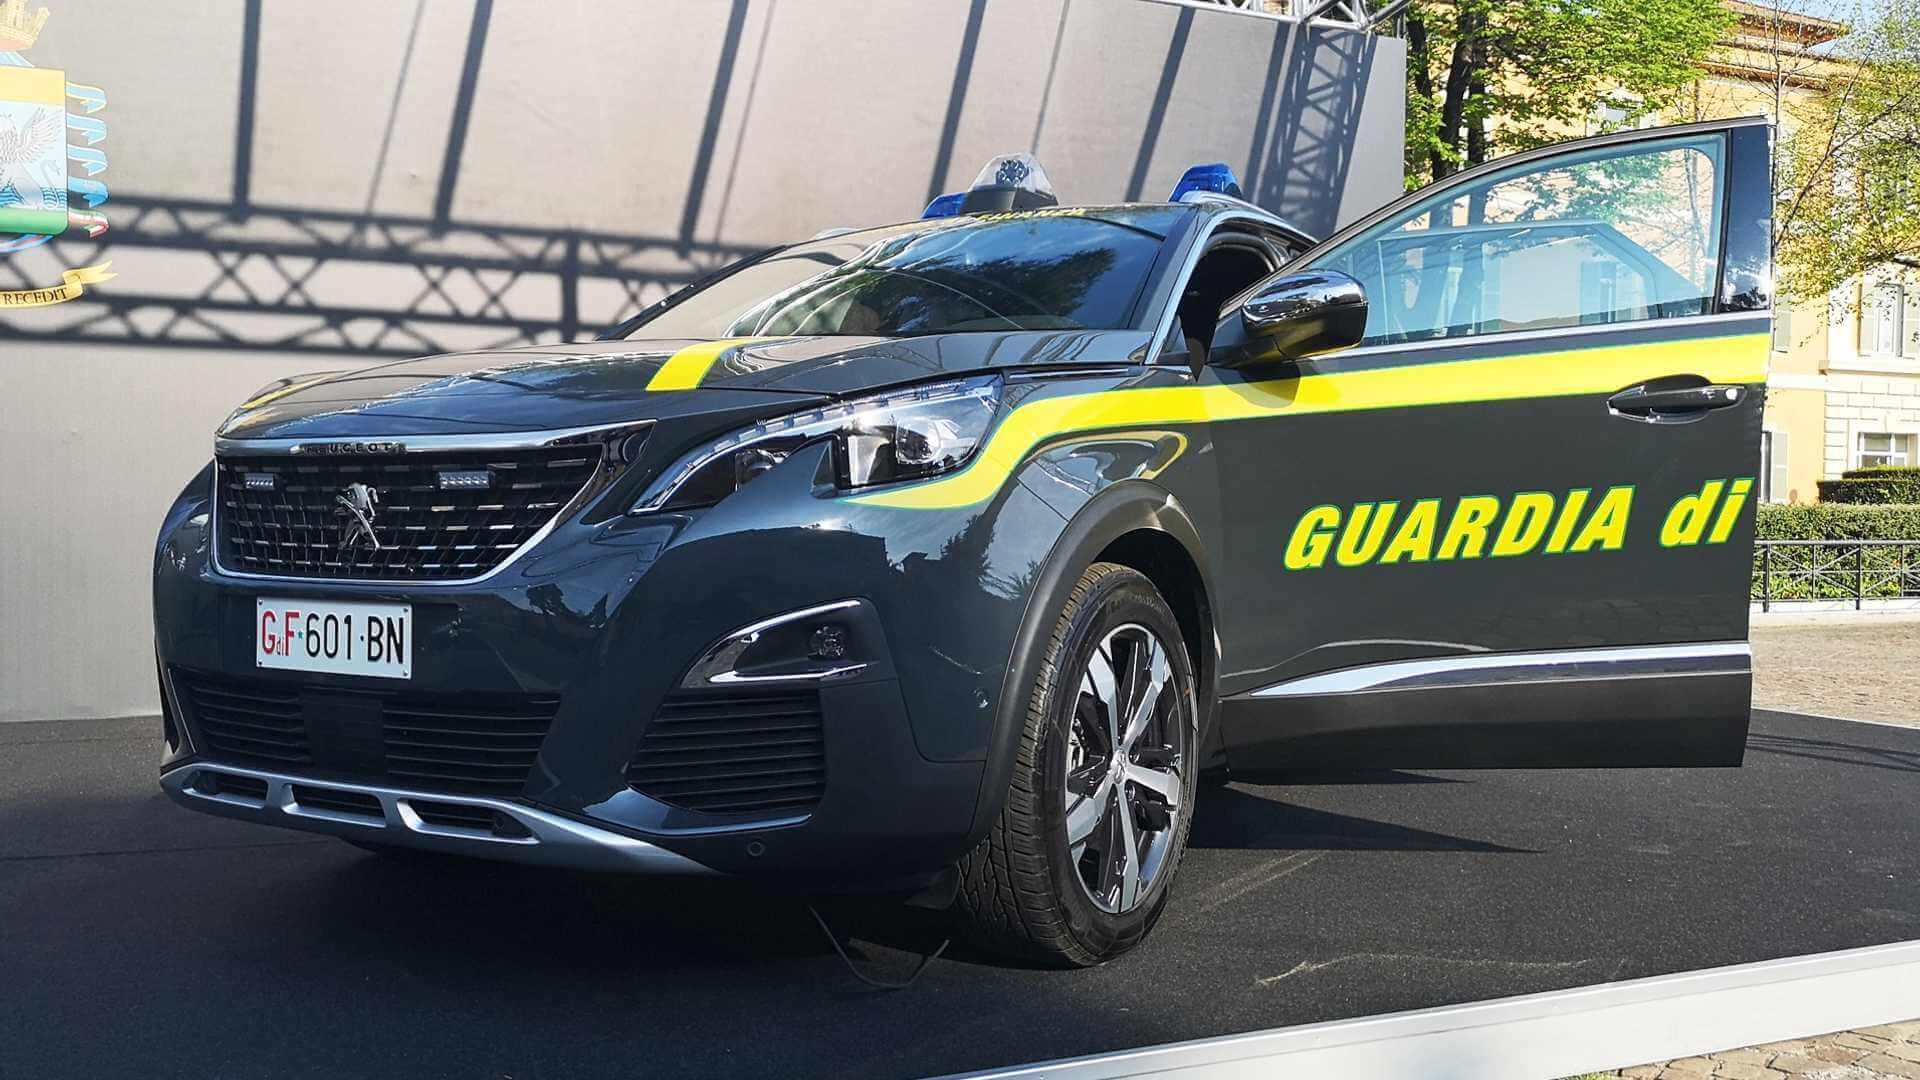 Trasporto di merci su strada, la GdF di Livorno recupera 2 milioni di euro